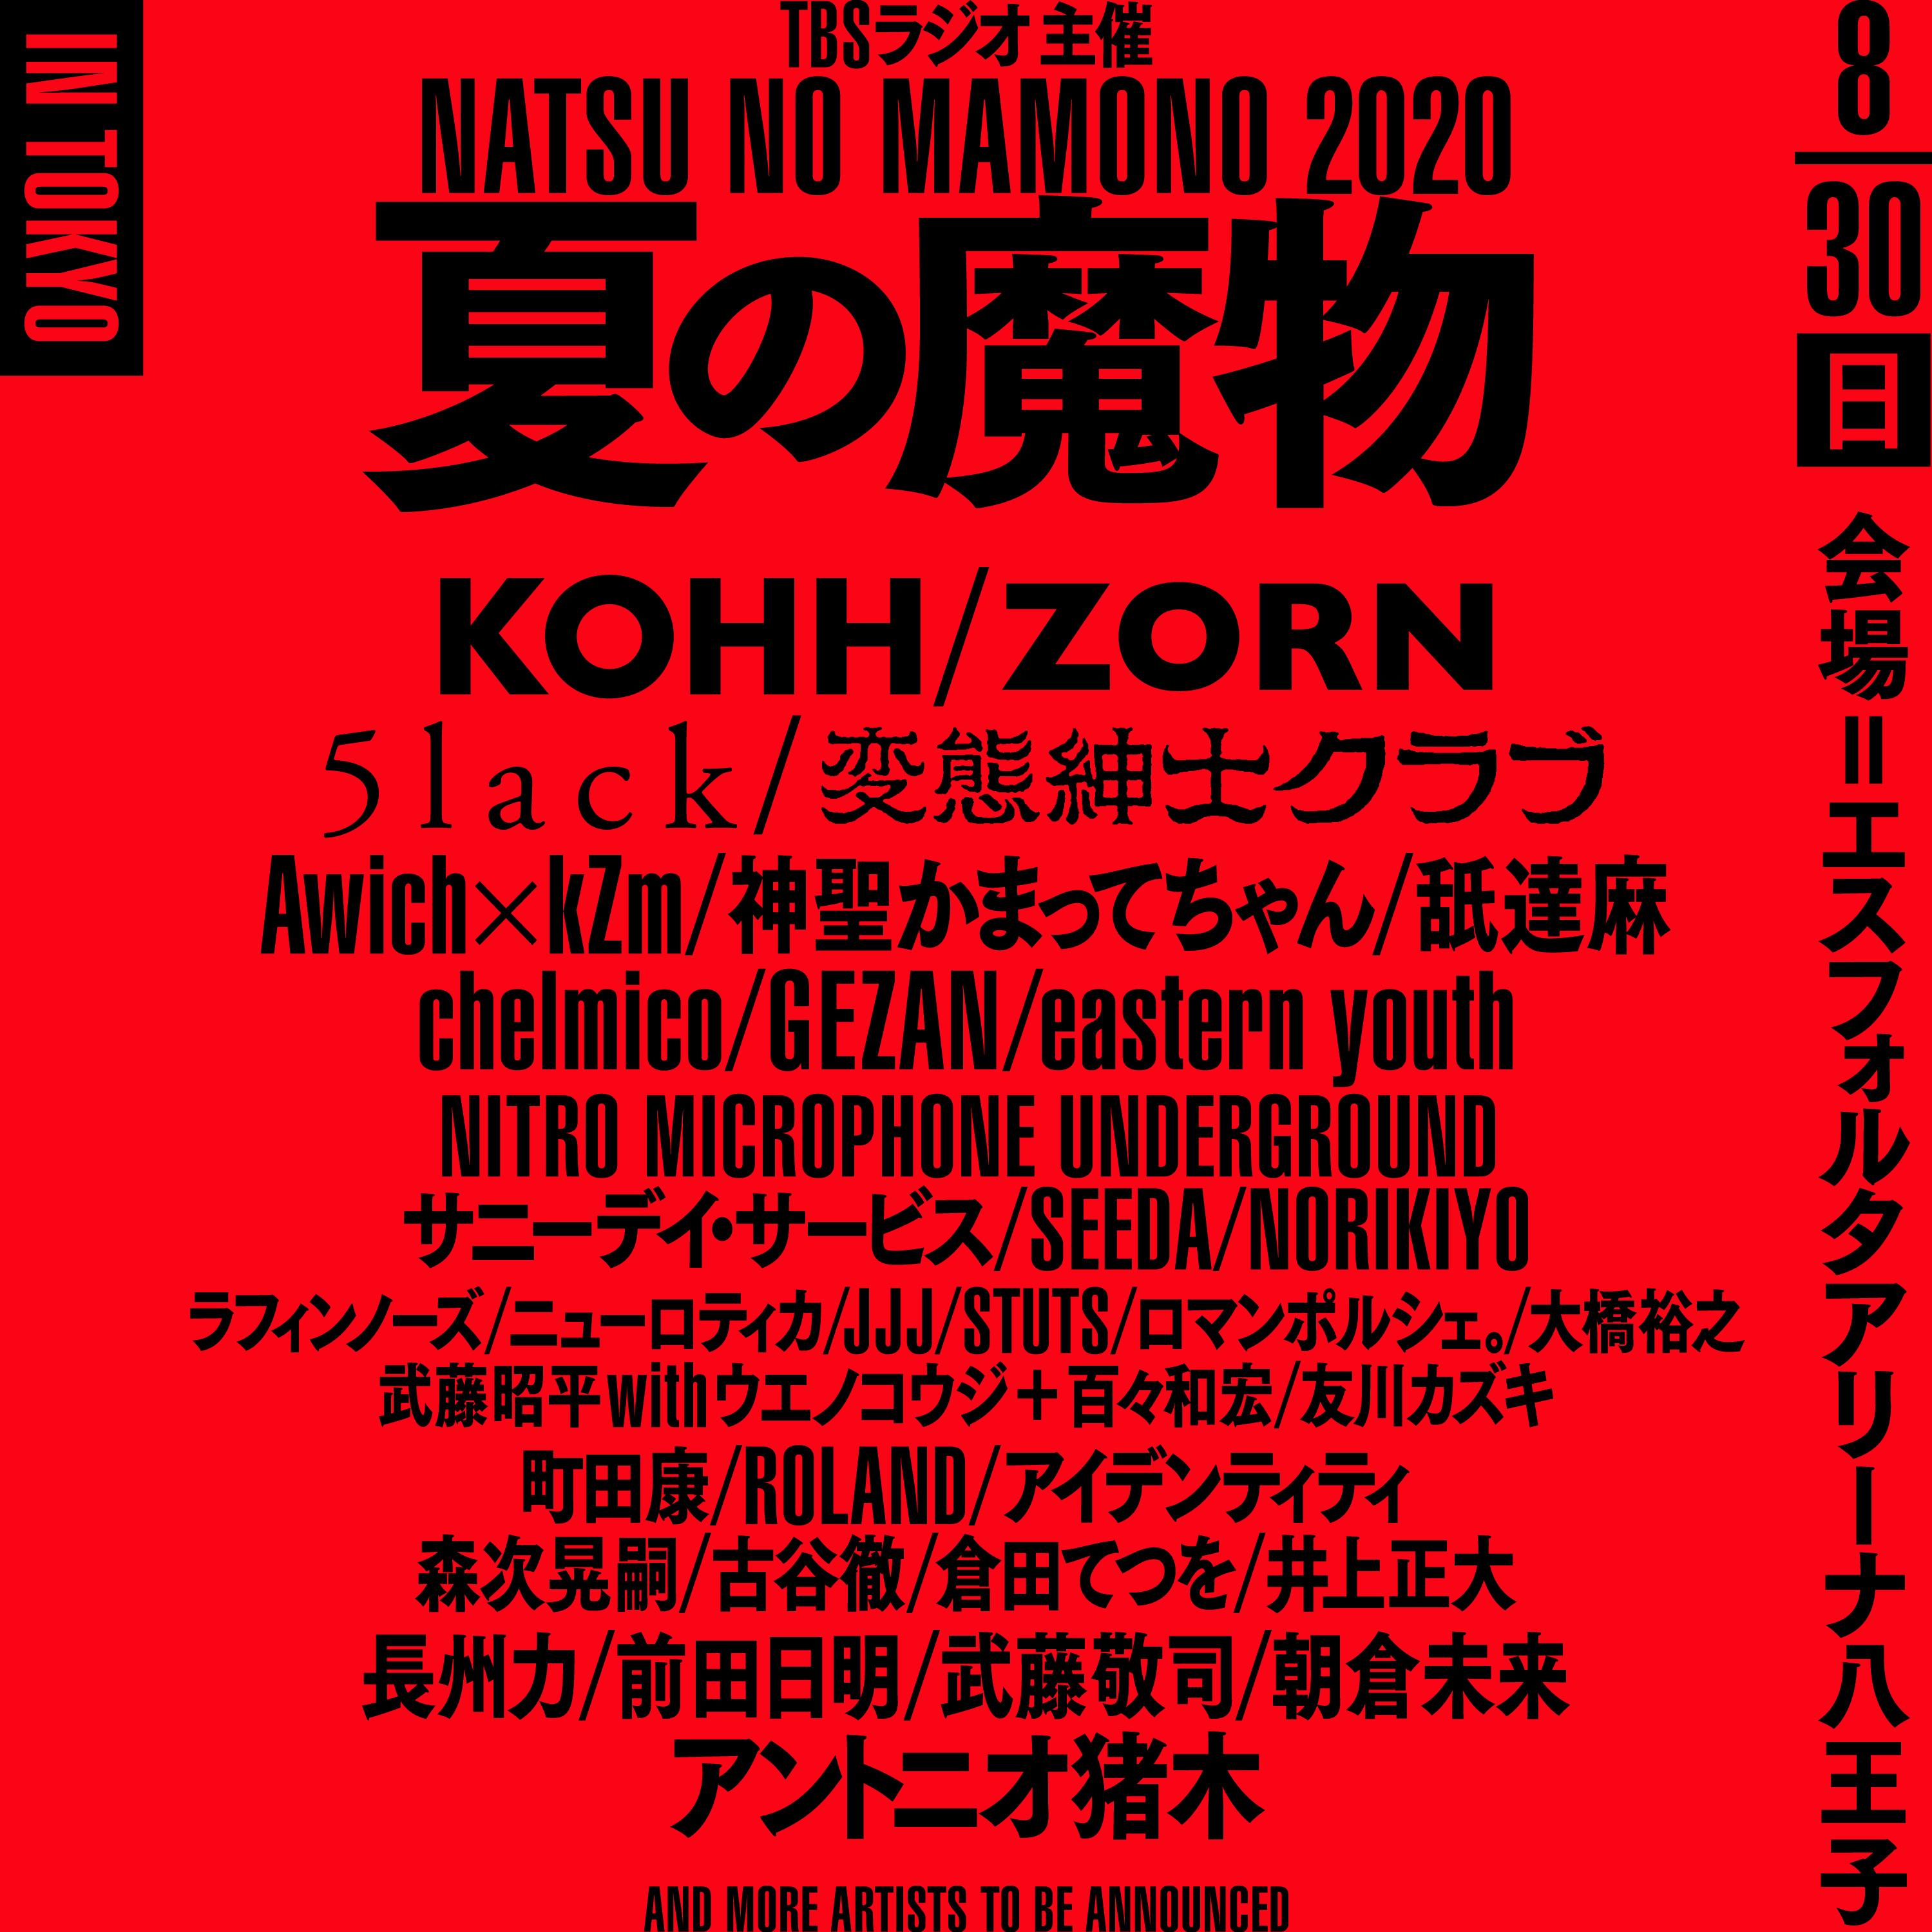 夏の魔物2020 in TOKYOの出演が決定しました!